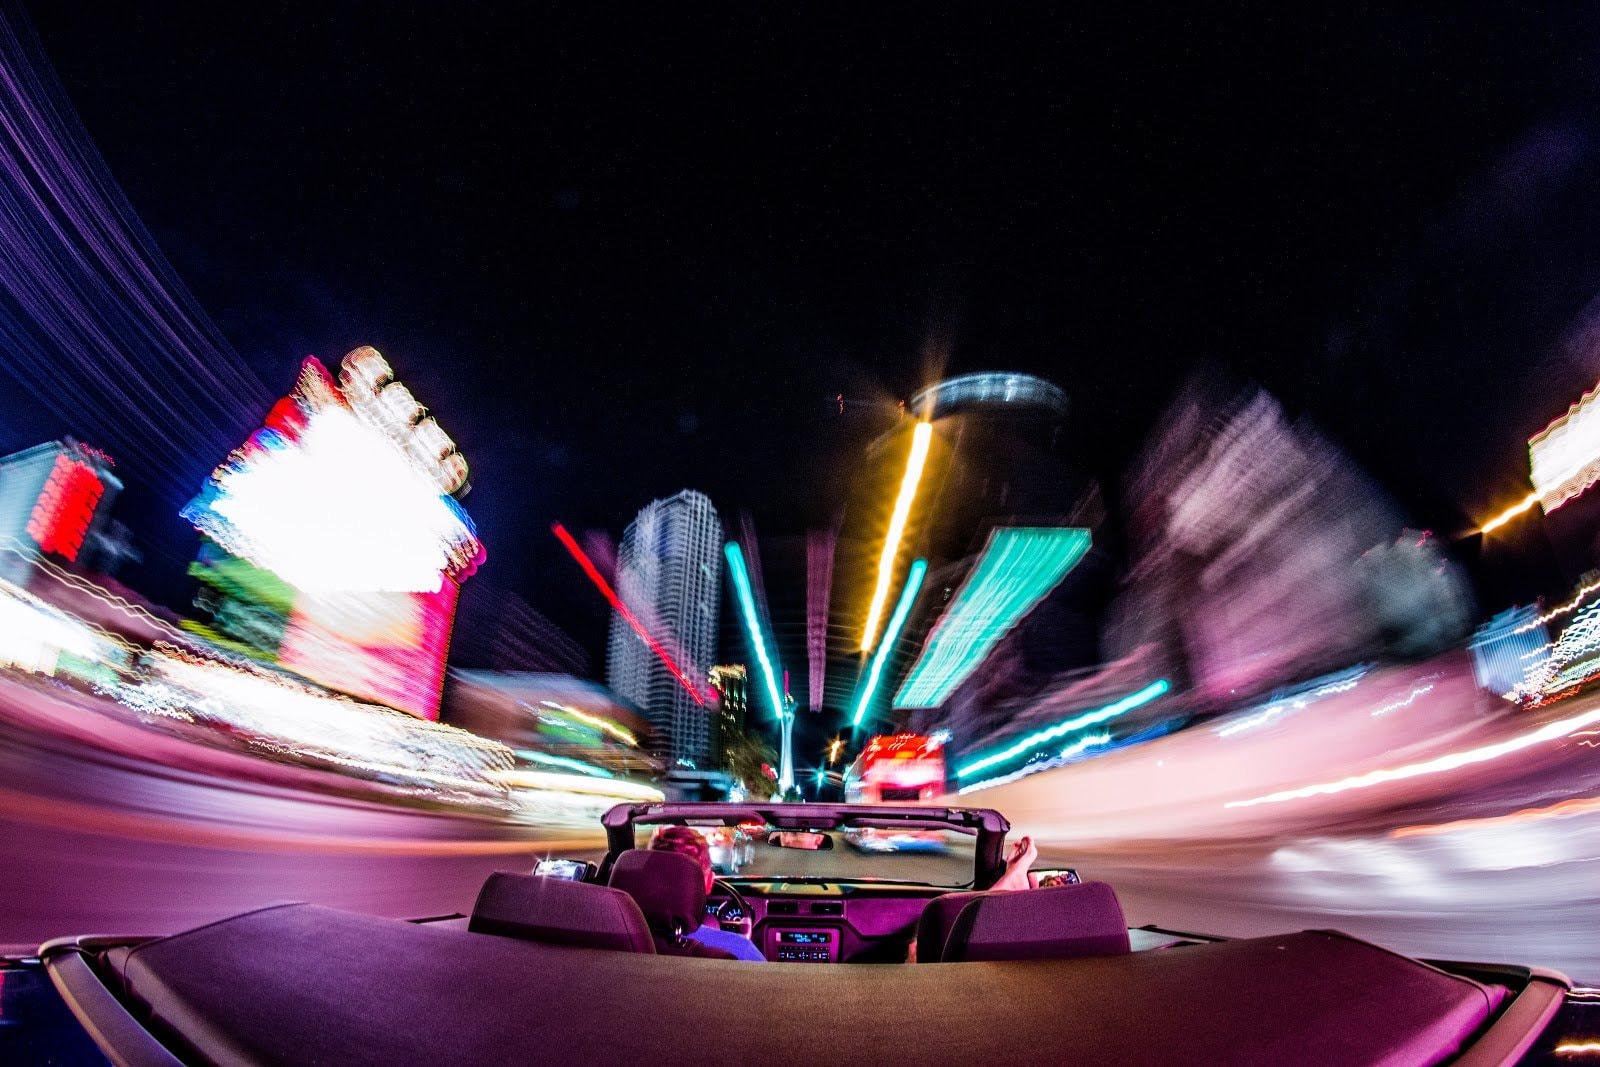 Blurred city lights taken from a car by Jakub Gorajek